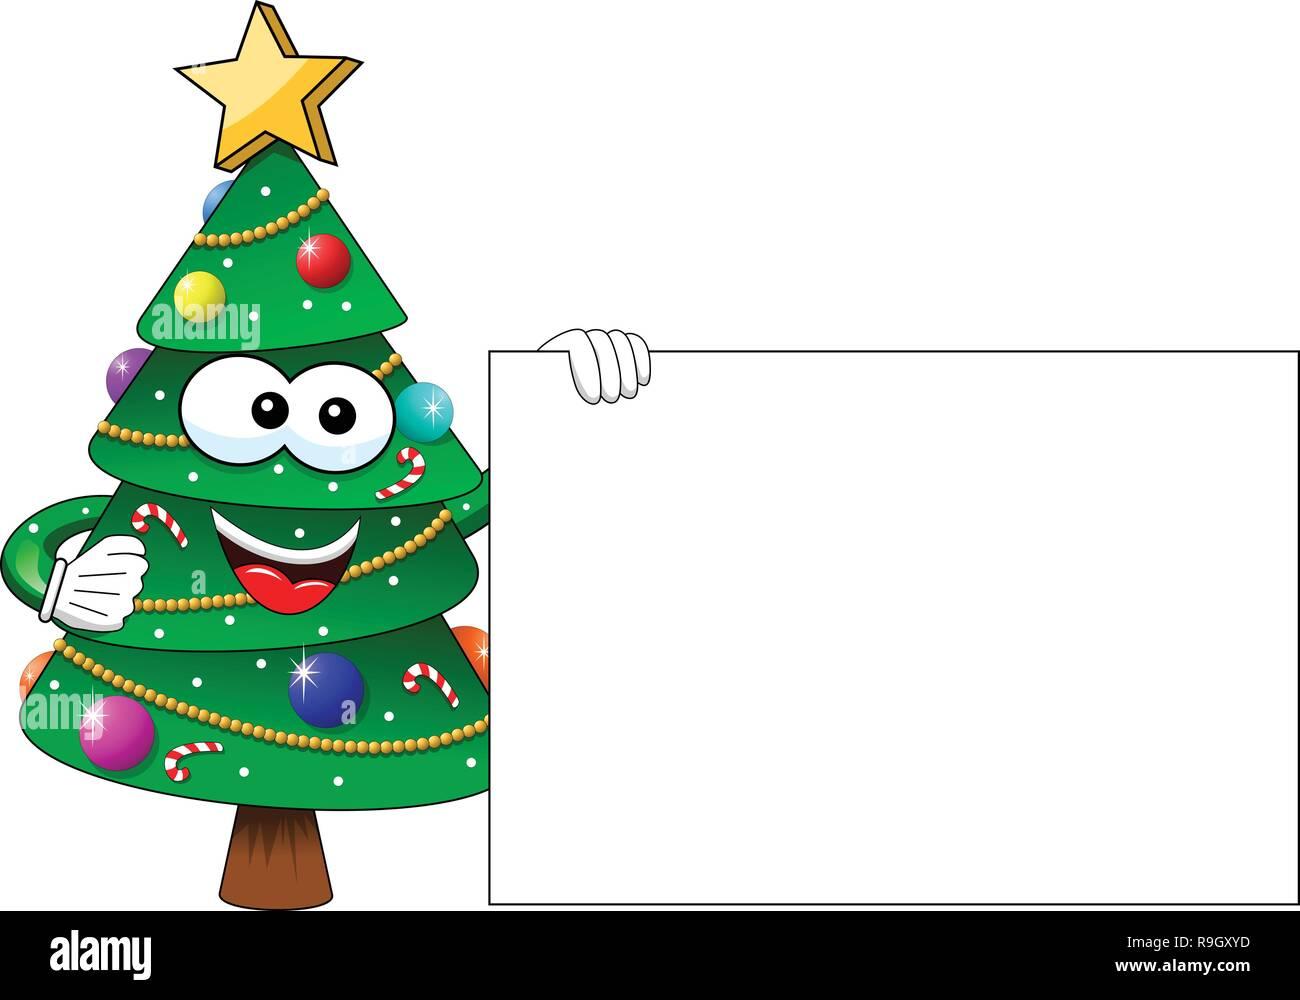 Weihnachten oder Weihnachtsbaum Maskottchen Charakter eine leere Karte isoliert Stockbild